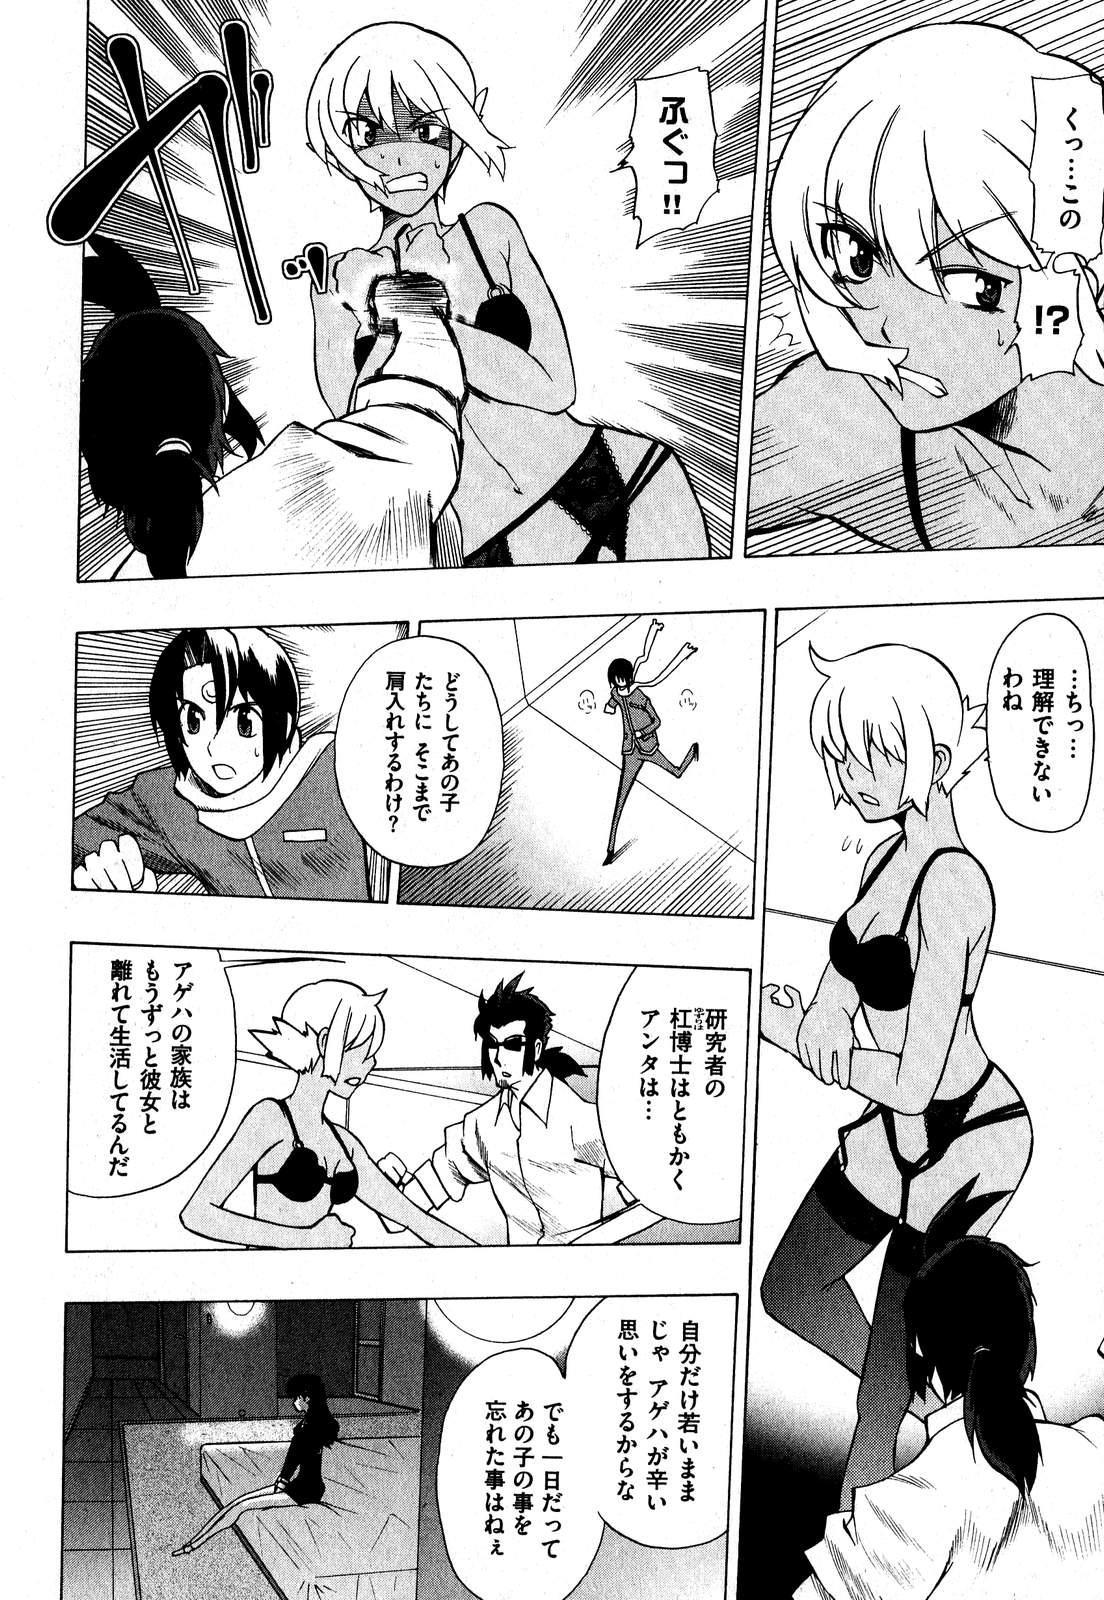 COMIC XO 2007-09 Vol. 16 85